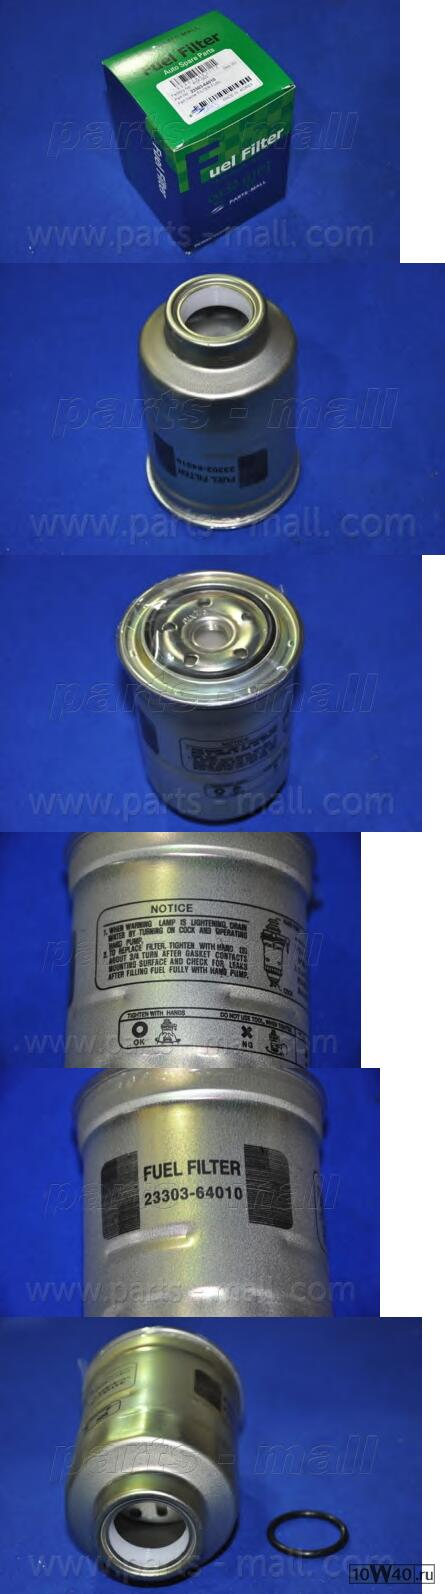 фильтр топливный\ toyota land cruiser 70 / 80 2.4d-4.2d, mazda b 2.0d-2.5d